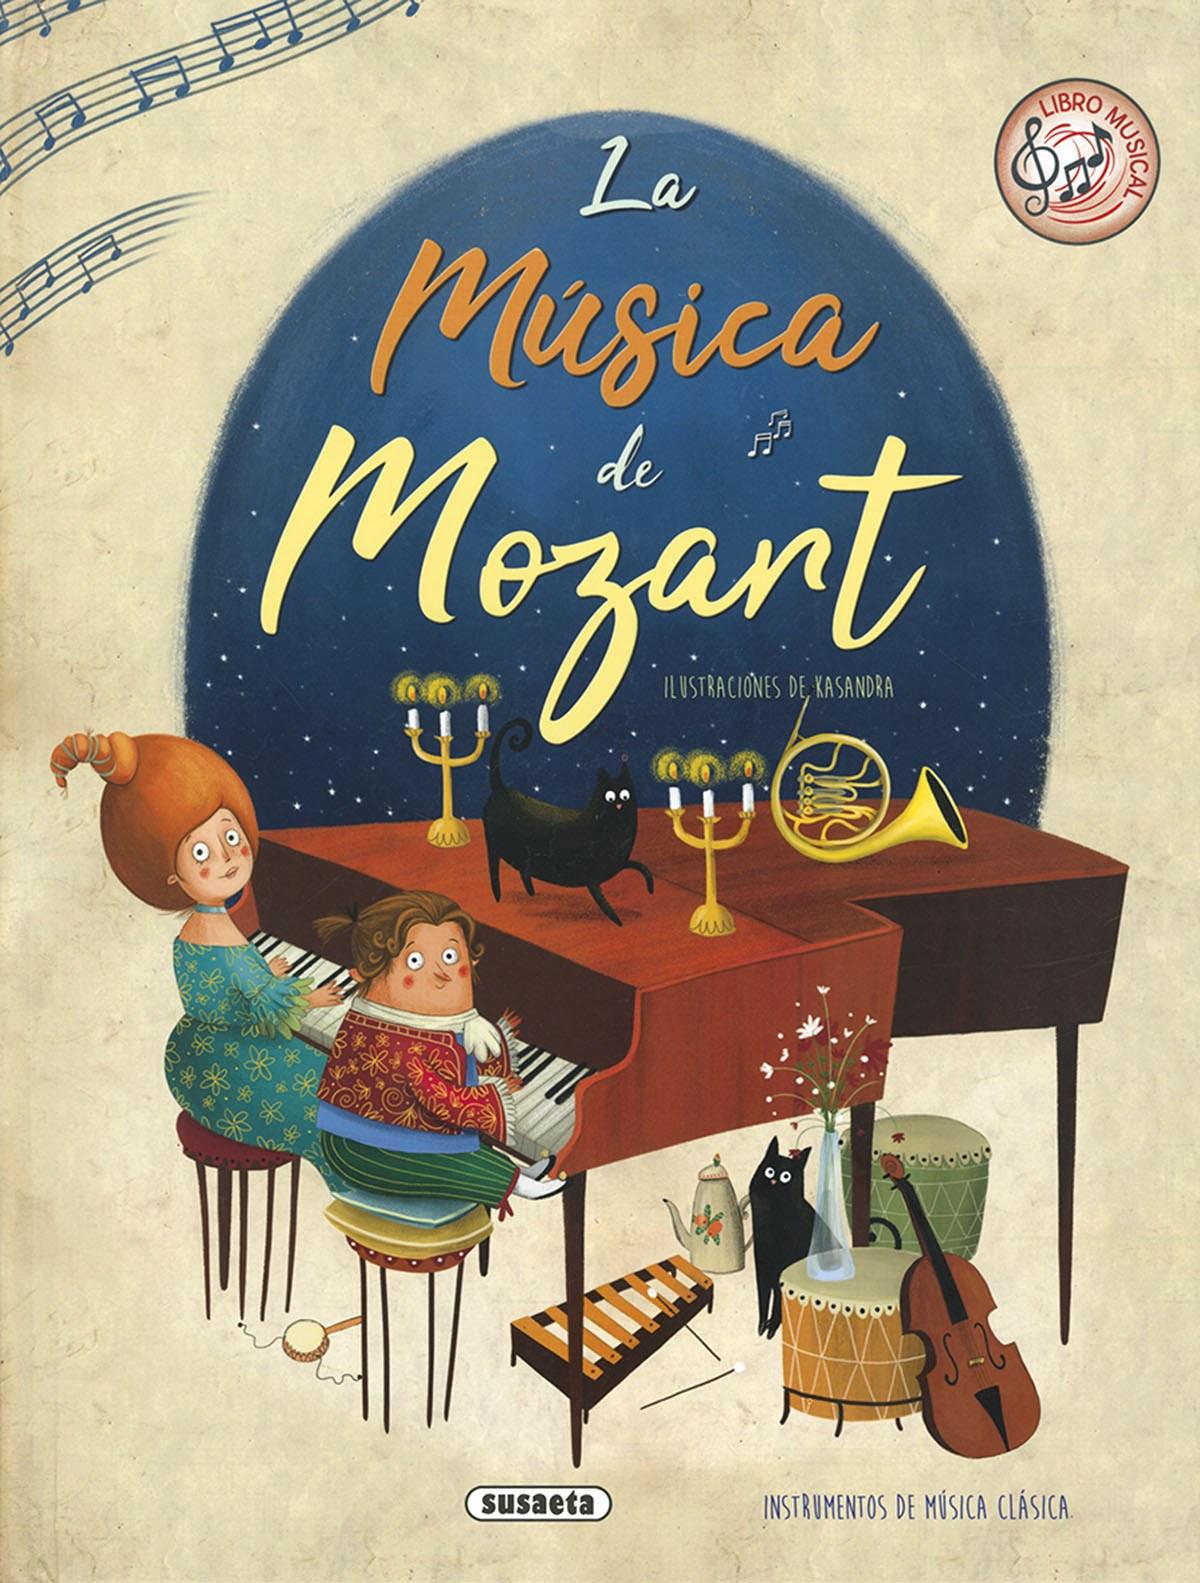 La música de Mozart